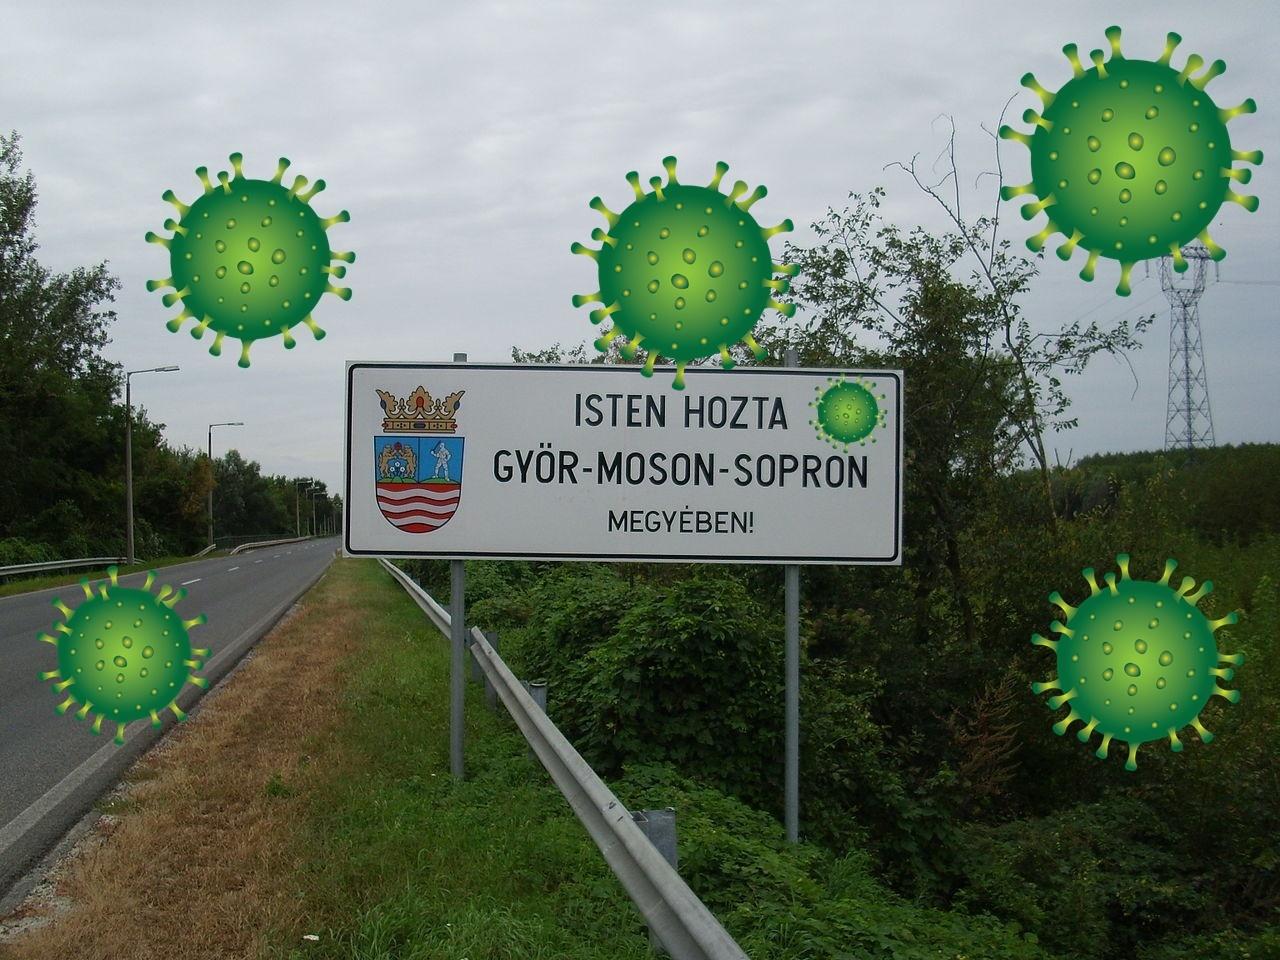 koronavirus-veszelyes-gyor-sopon-nemetek-szerint